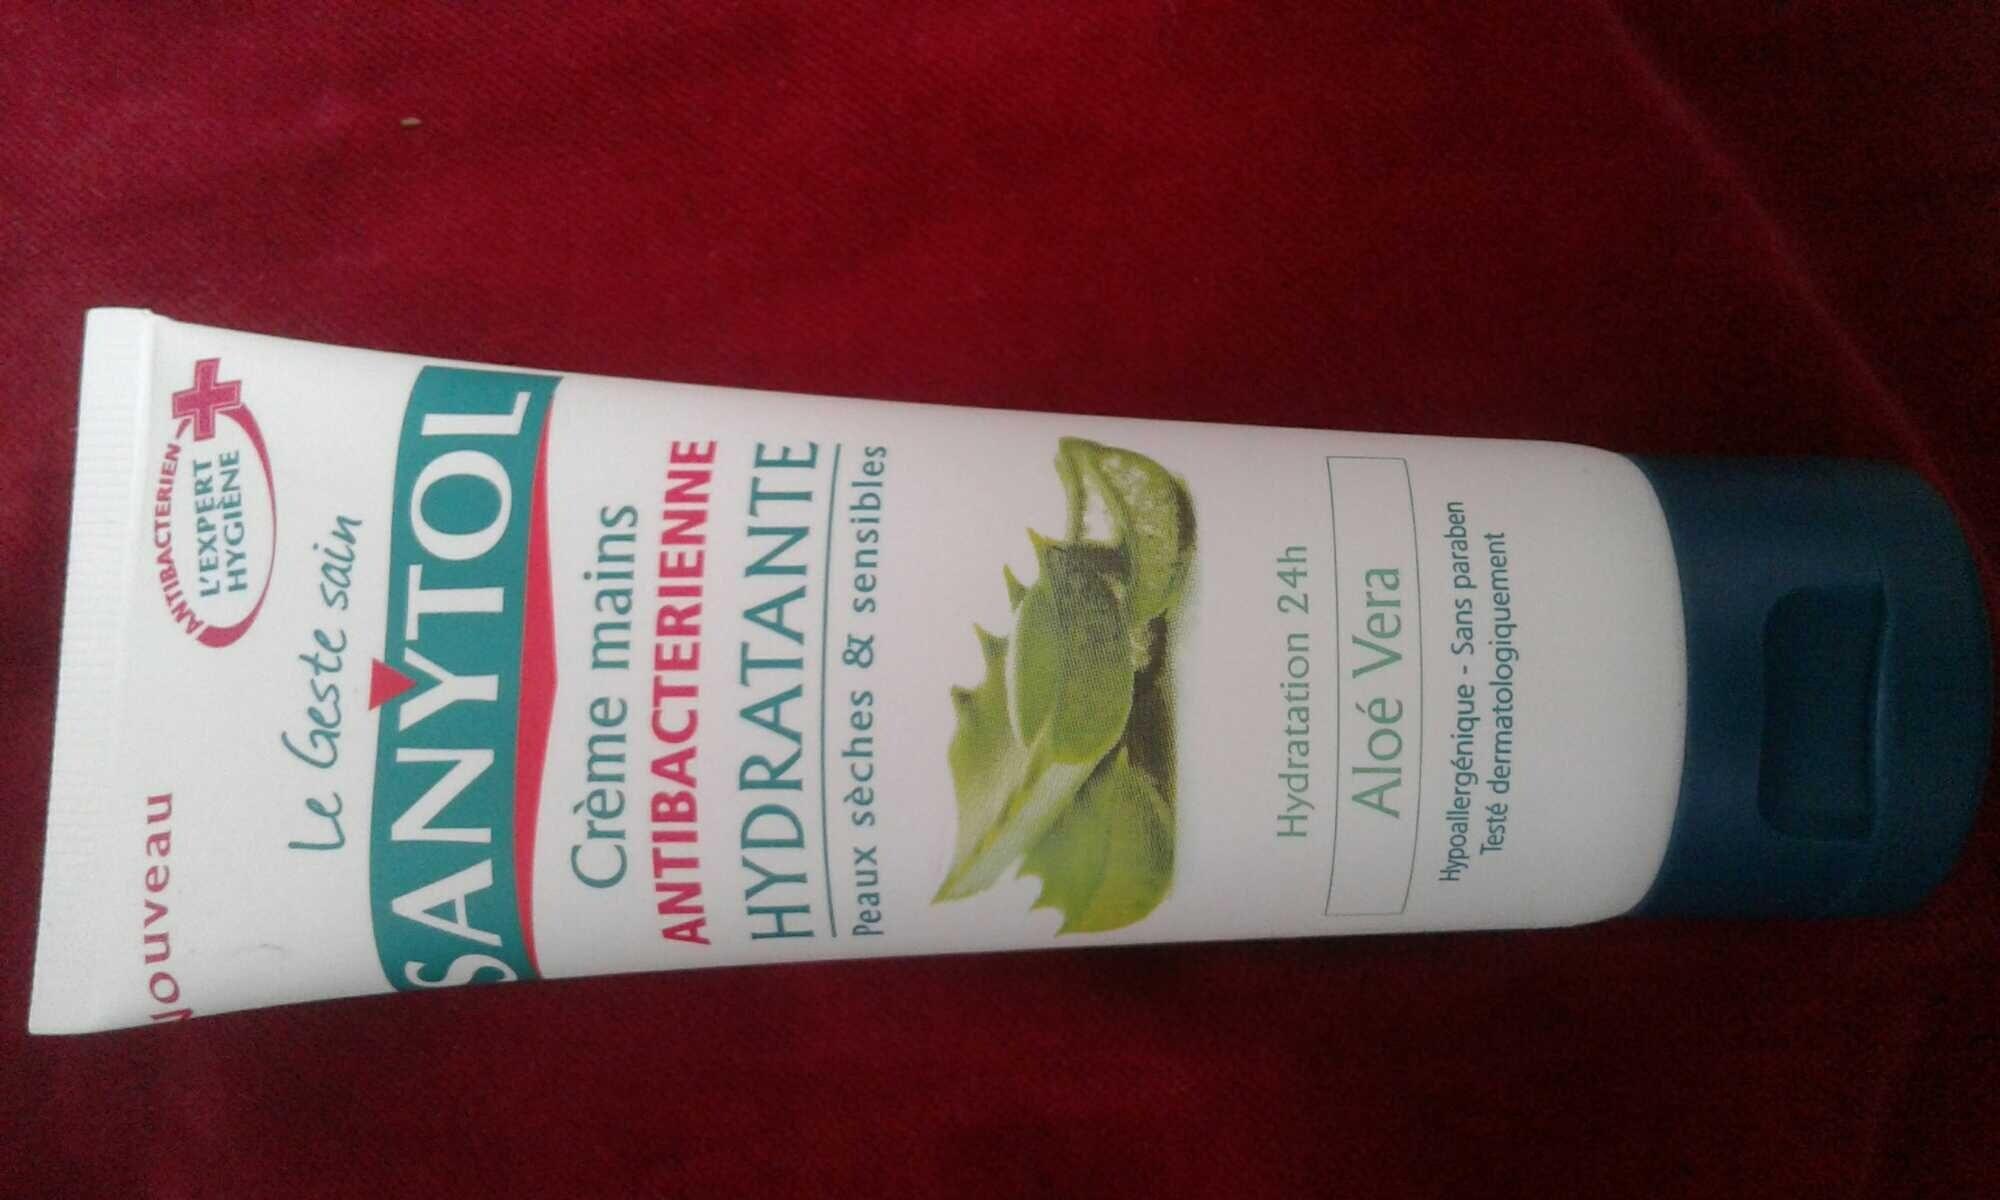 crème mains antibactérien - Product - fr